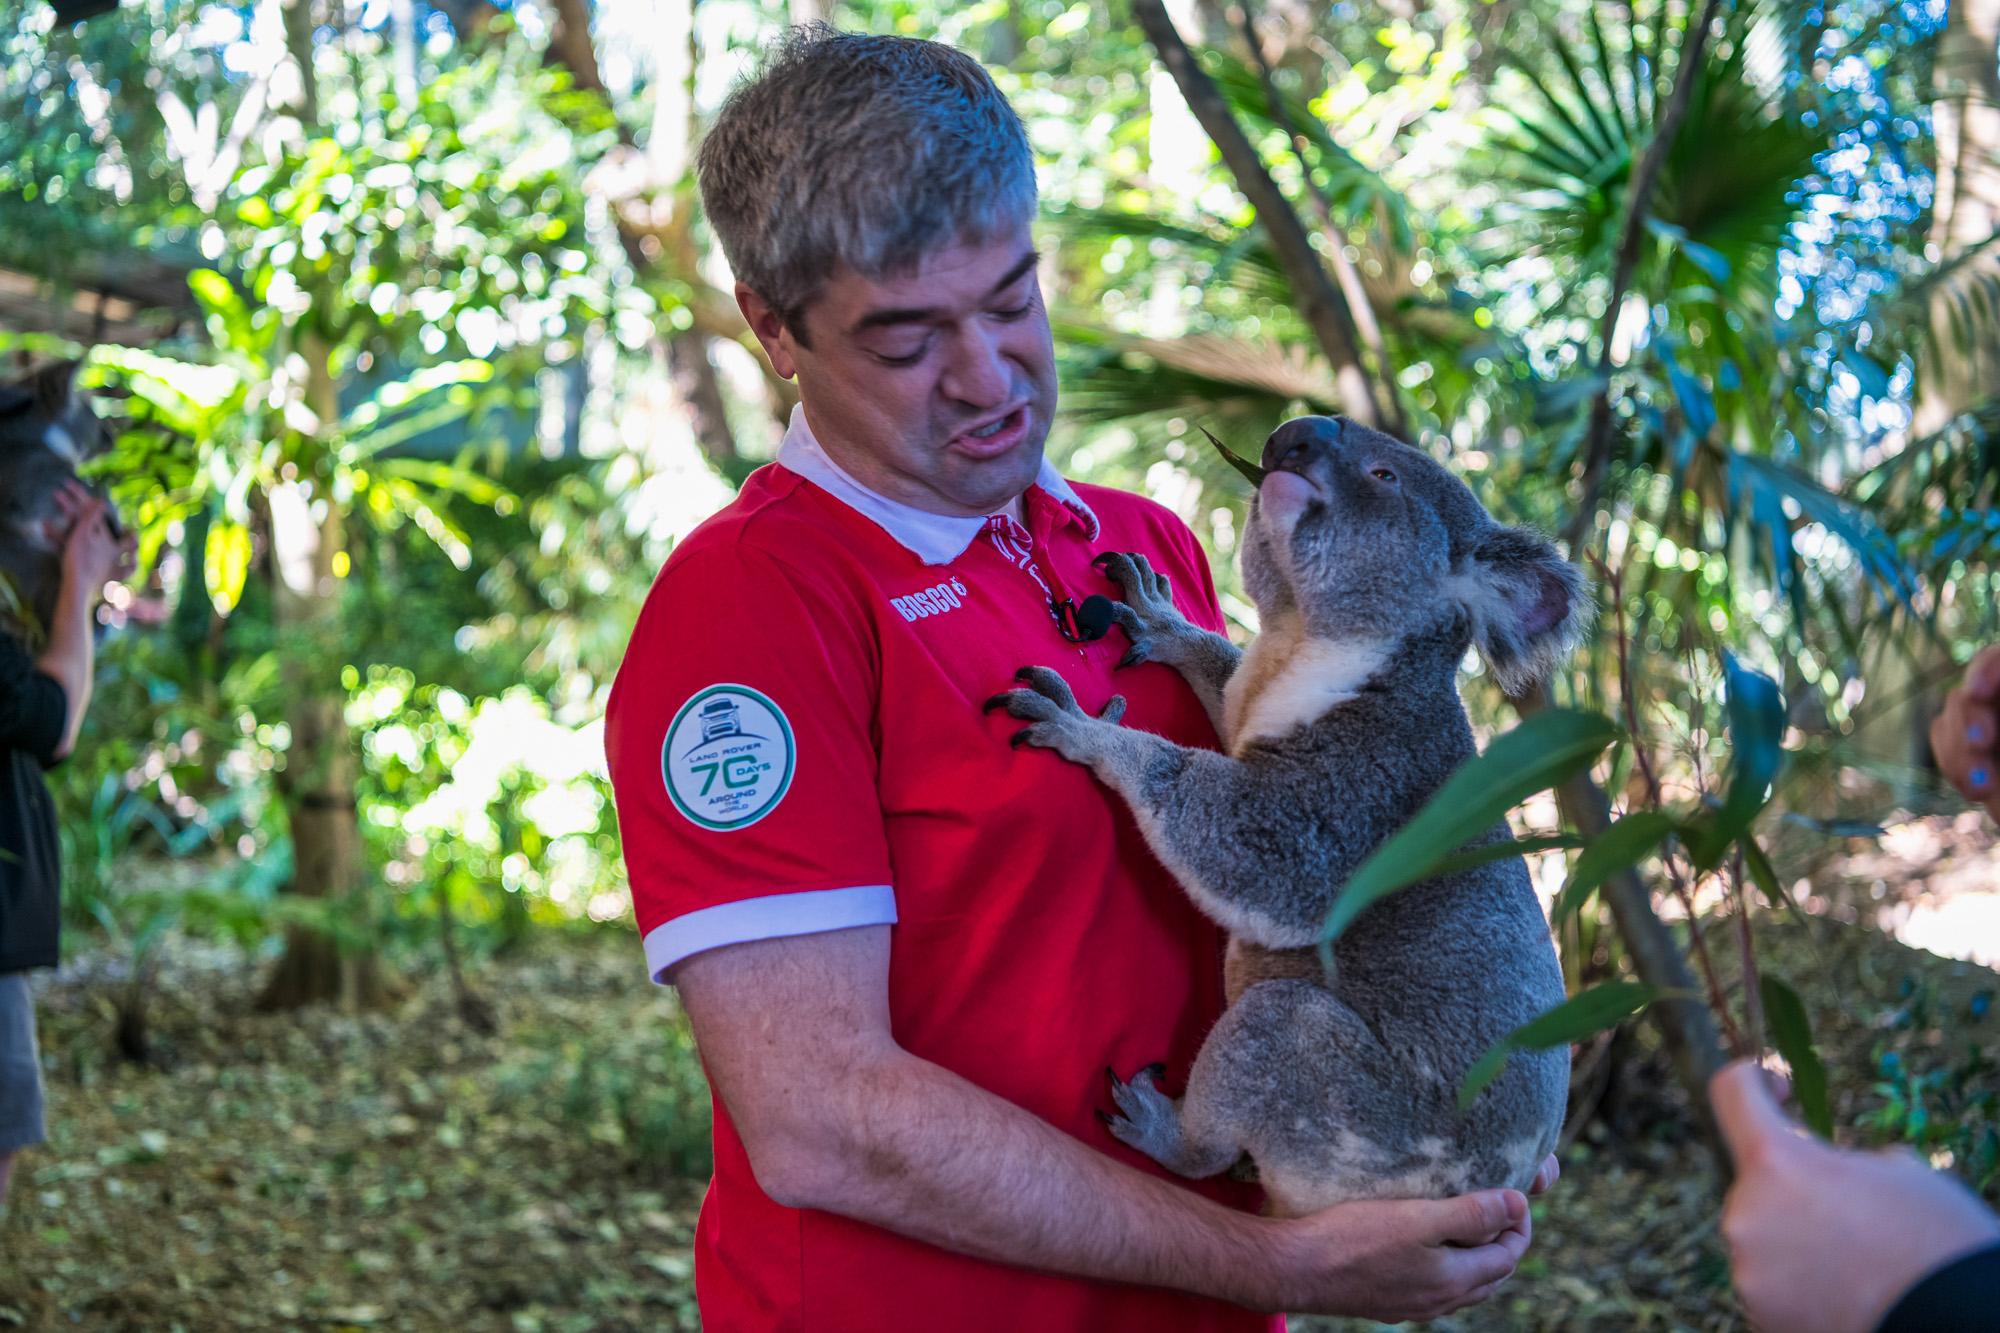 Селфи с кенгуру кенгуру, Сегодня, видео, футбольных, надоедает, внимание, людей, могут, специальное, ограждение, имеют, права, заходить, вышла, очередная, серия, которой, кругосветку, загоне, пробую